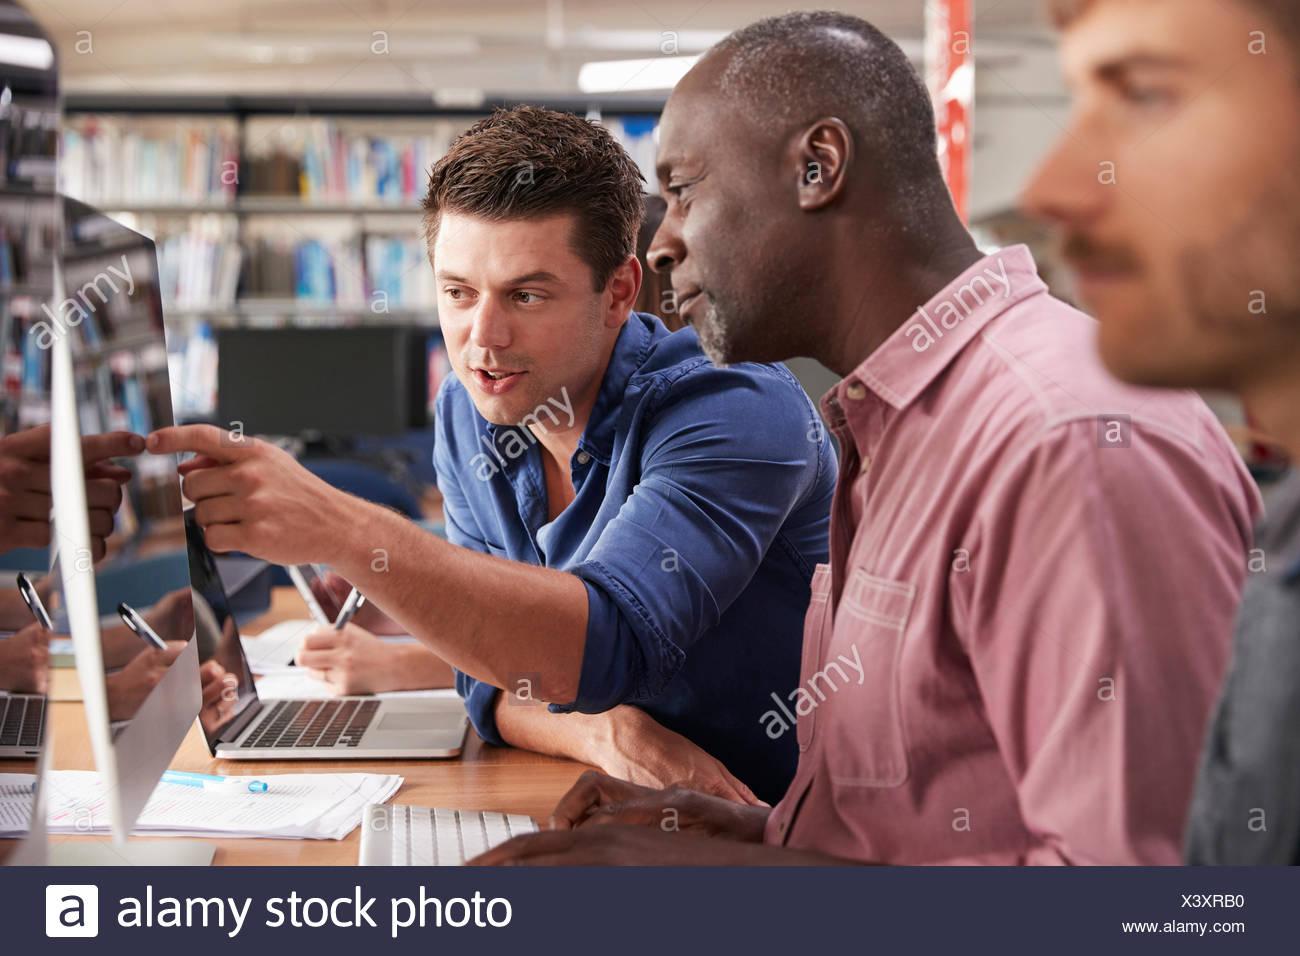 Mâle mature student avec tuteur l'acquisition de compétences en informatique Photo Stock